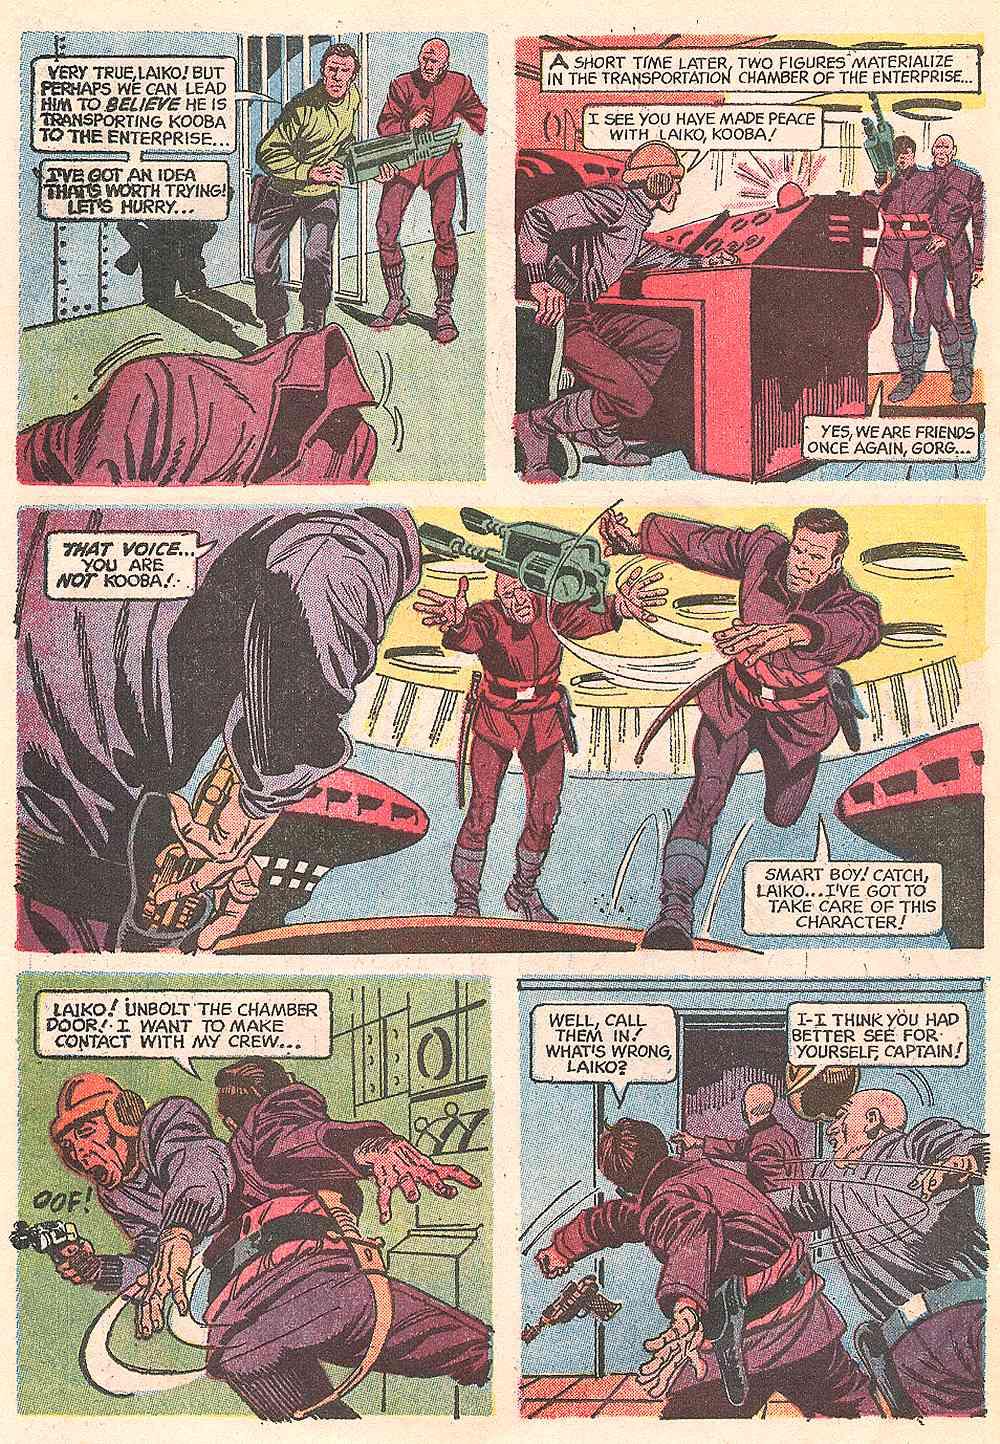 Star Trek (1967) issue 8 - Page 25